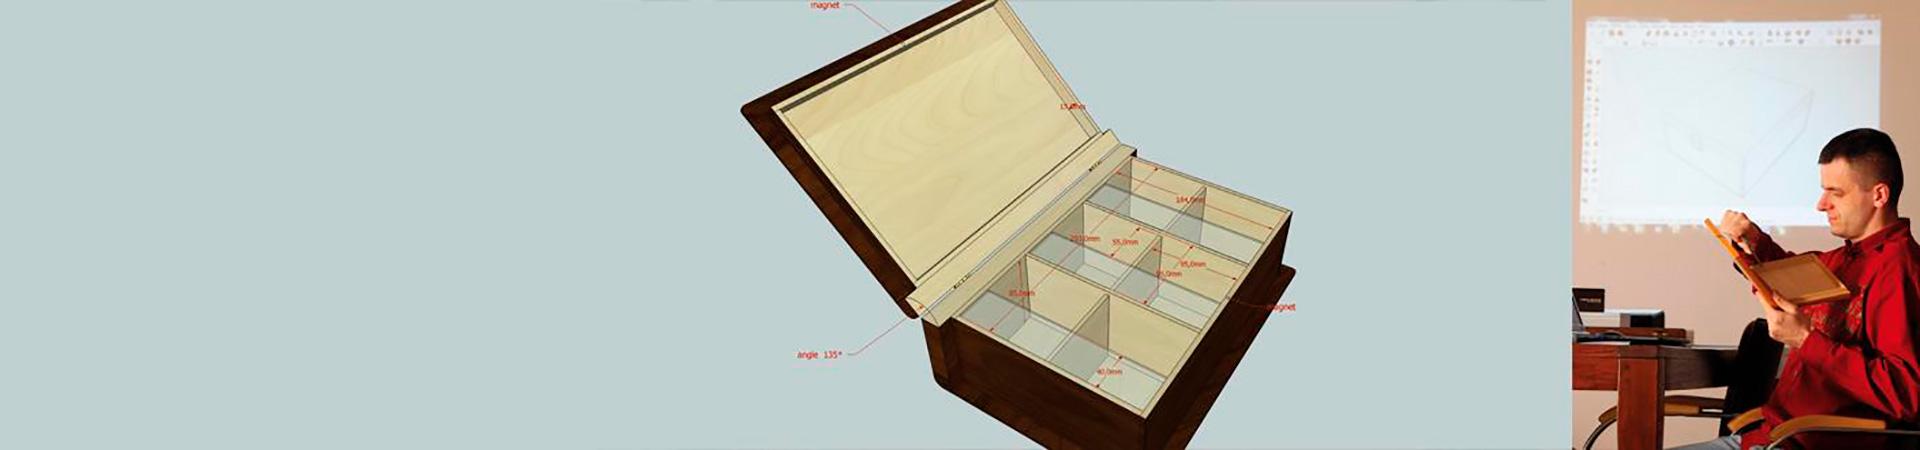 3d-design-slider-01